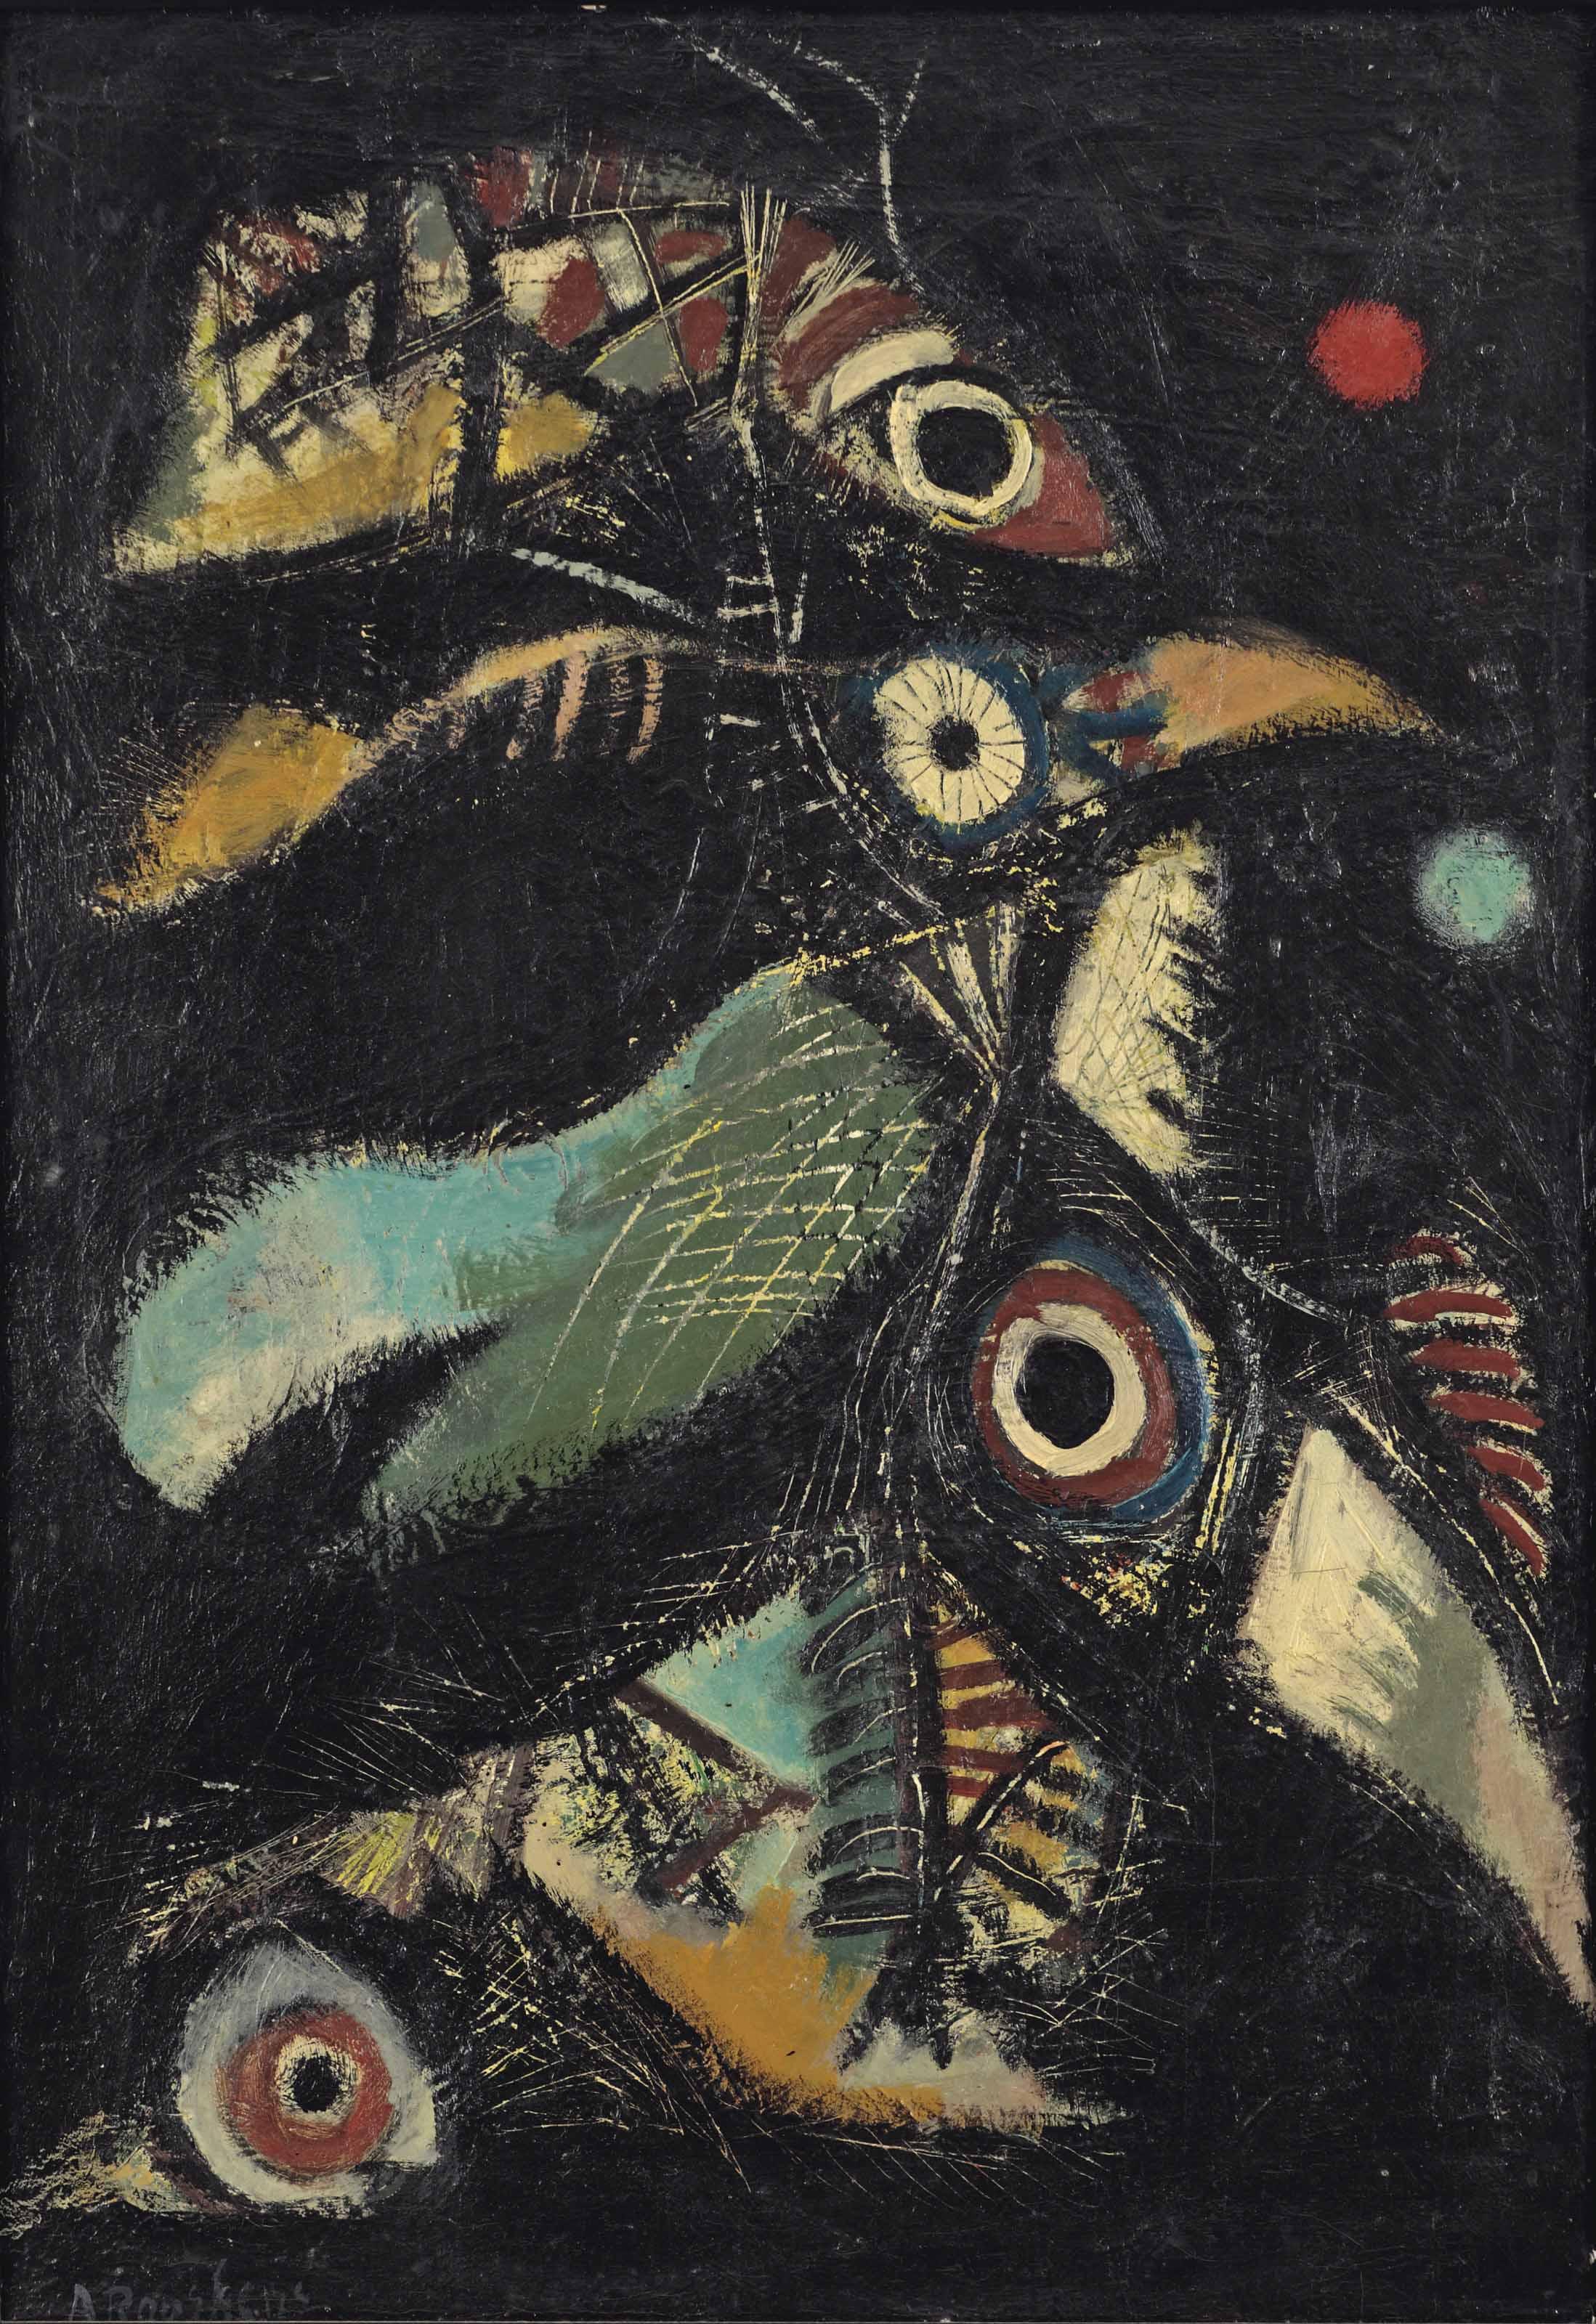 Nachtvogels (Night Birds)